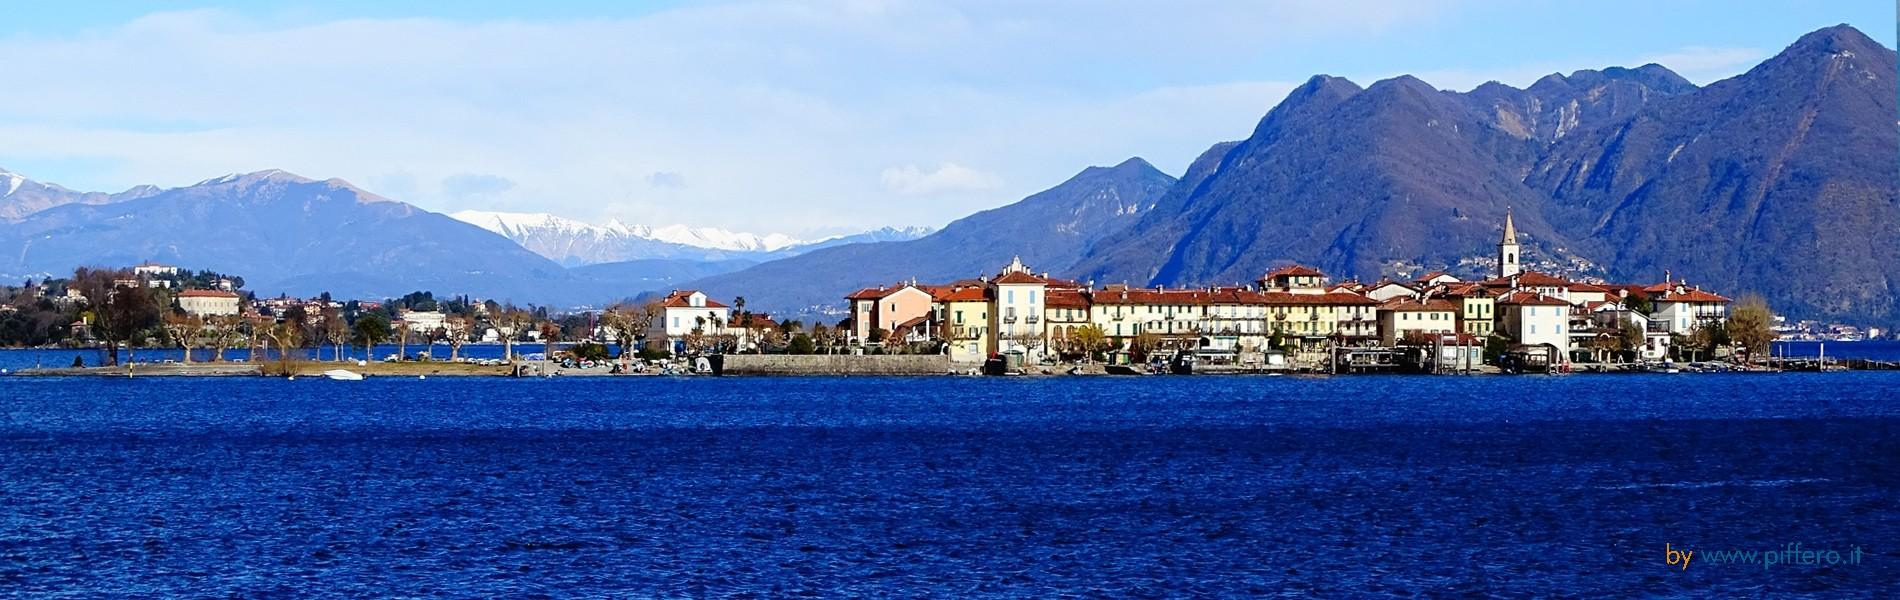 Isola Pescatori - Lago Maggiore